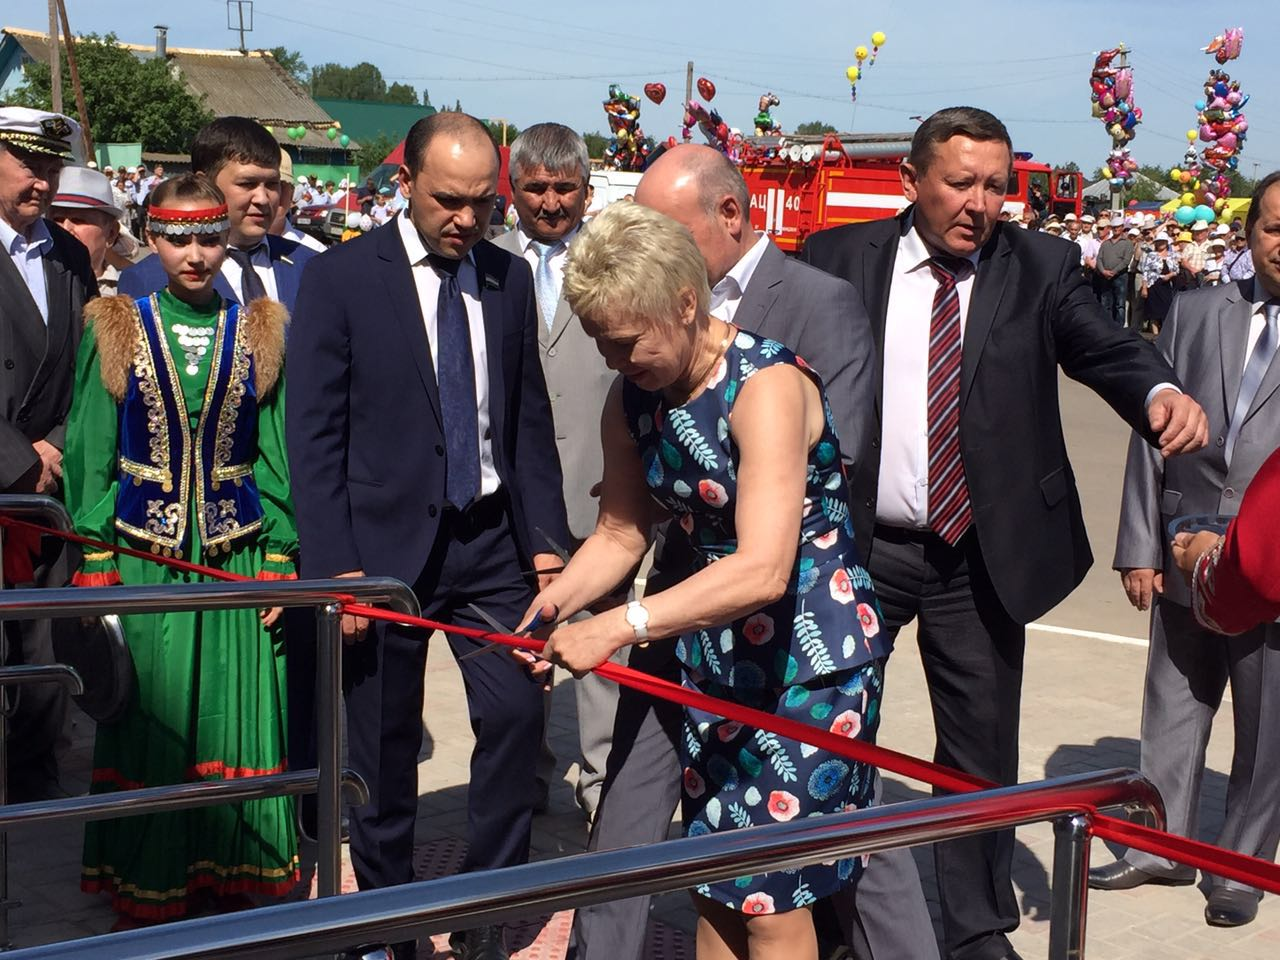 Р.А. Баталова в селе Мишкино (Республика Башкортостан) приняла участие в церемонии открытия Центра паралимпийского спорта